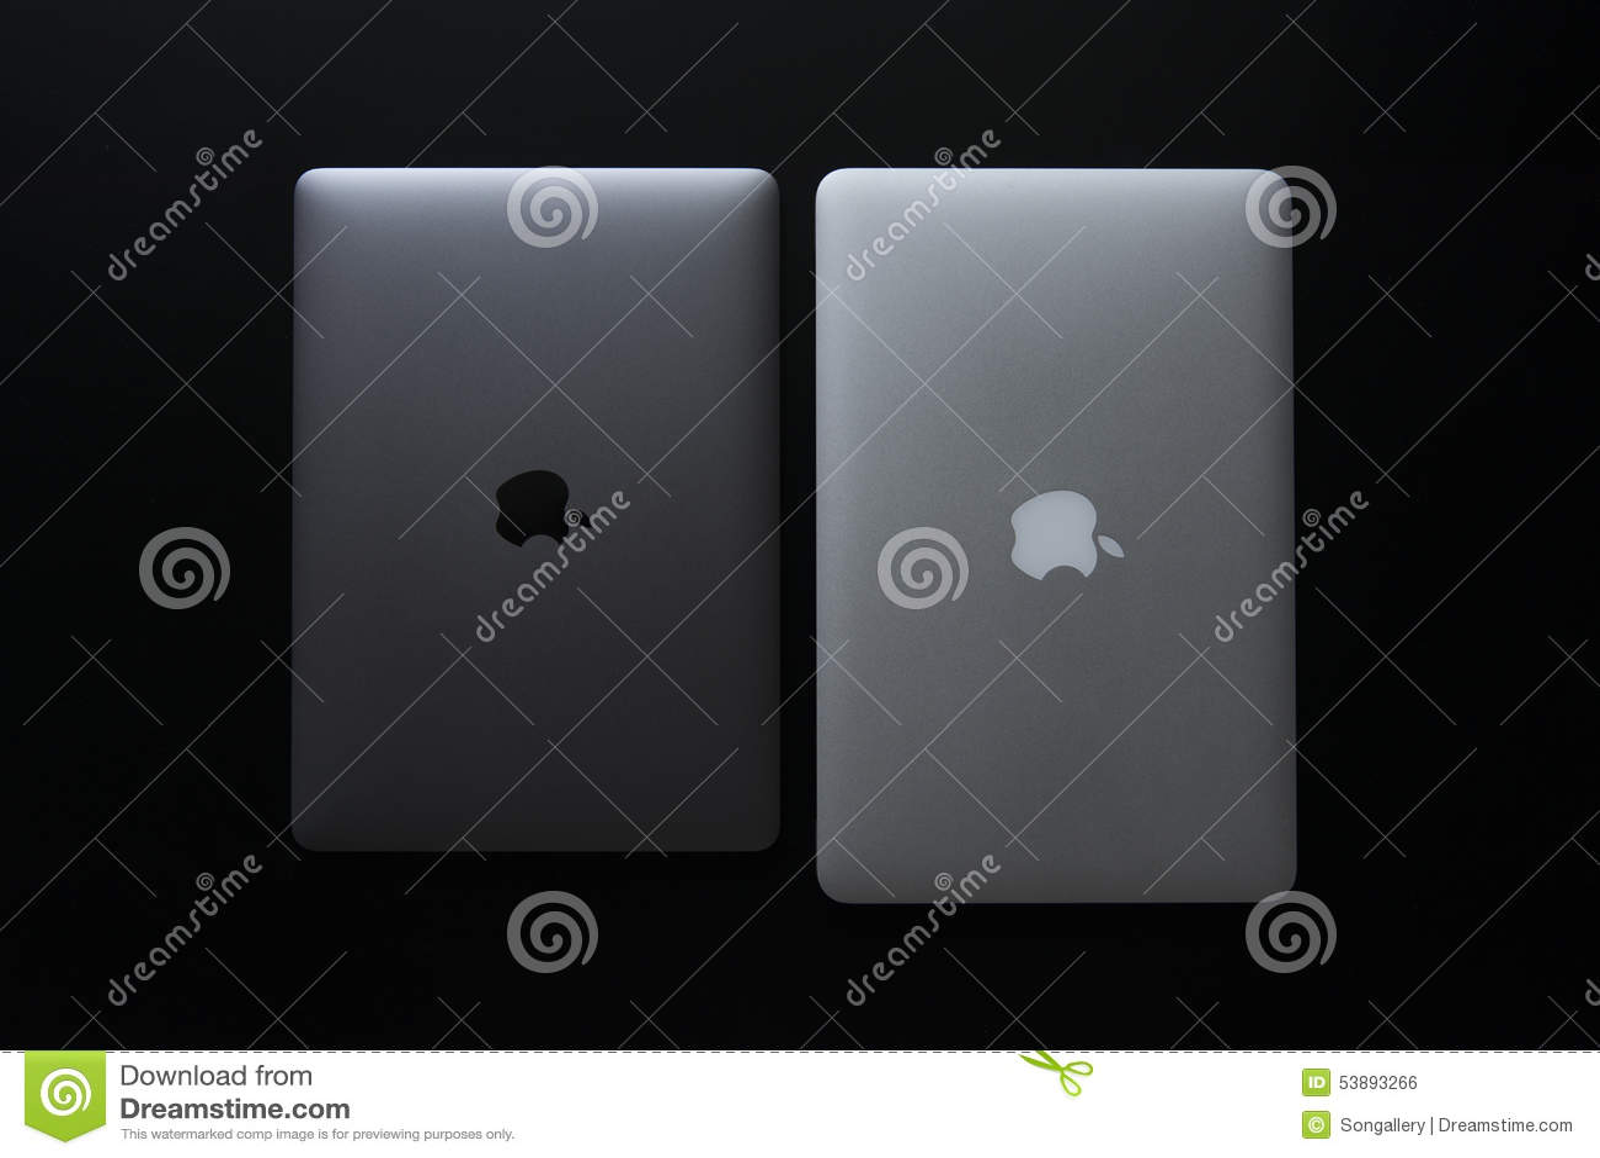 MacBook 2015 compara al aire de MacBook